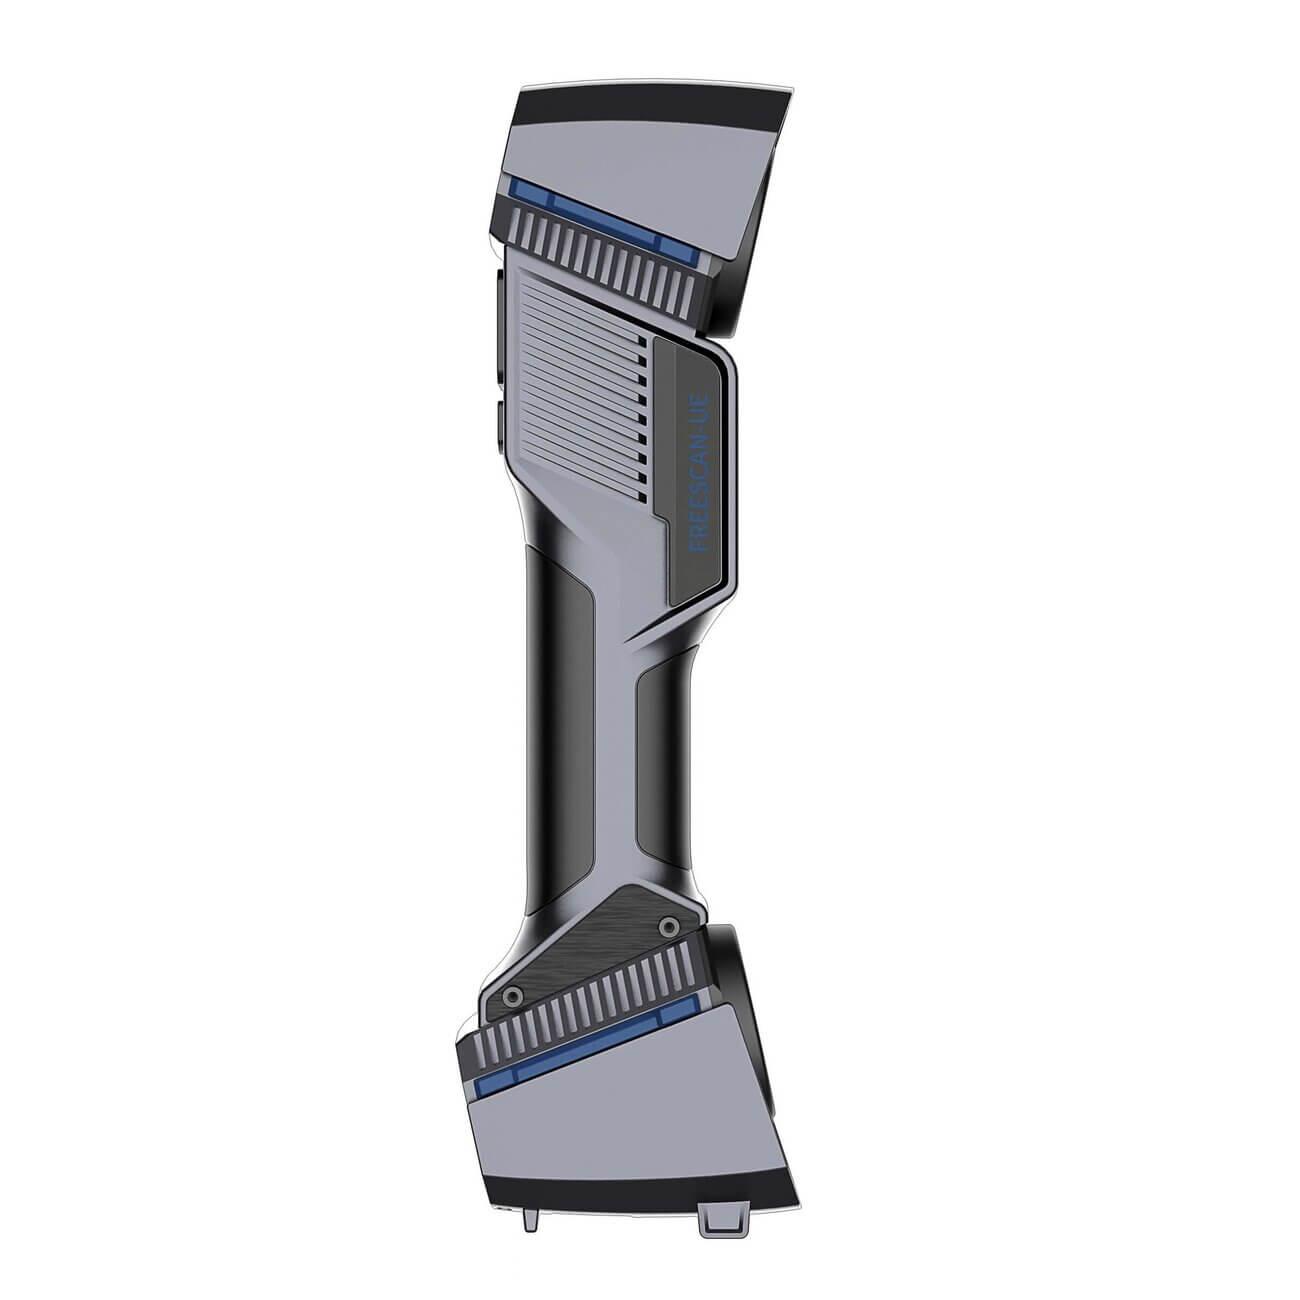 shining-3D-freescan-UE11-UE7-3D-kéziszkenner-szkenner-3dee-vasarlas-webshop-teszt-08